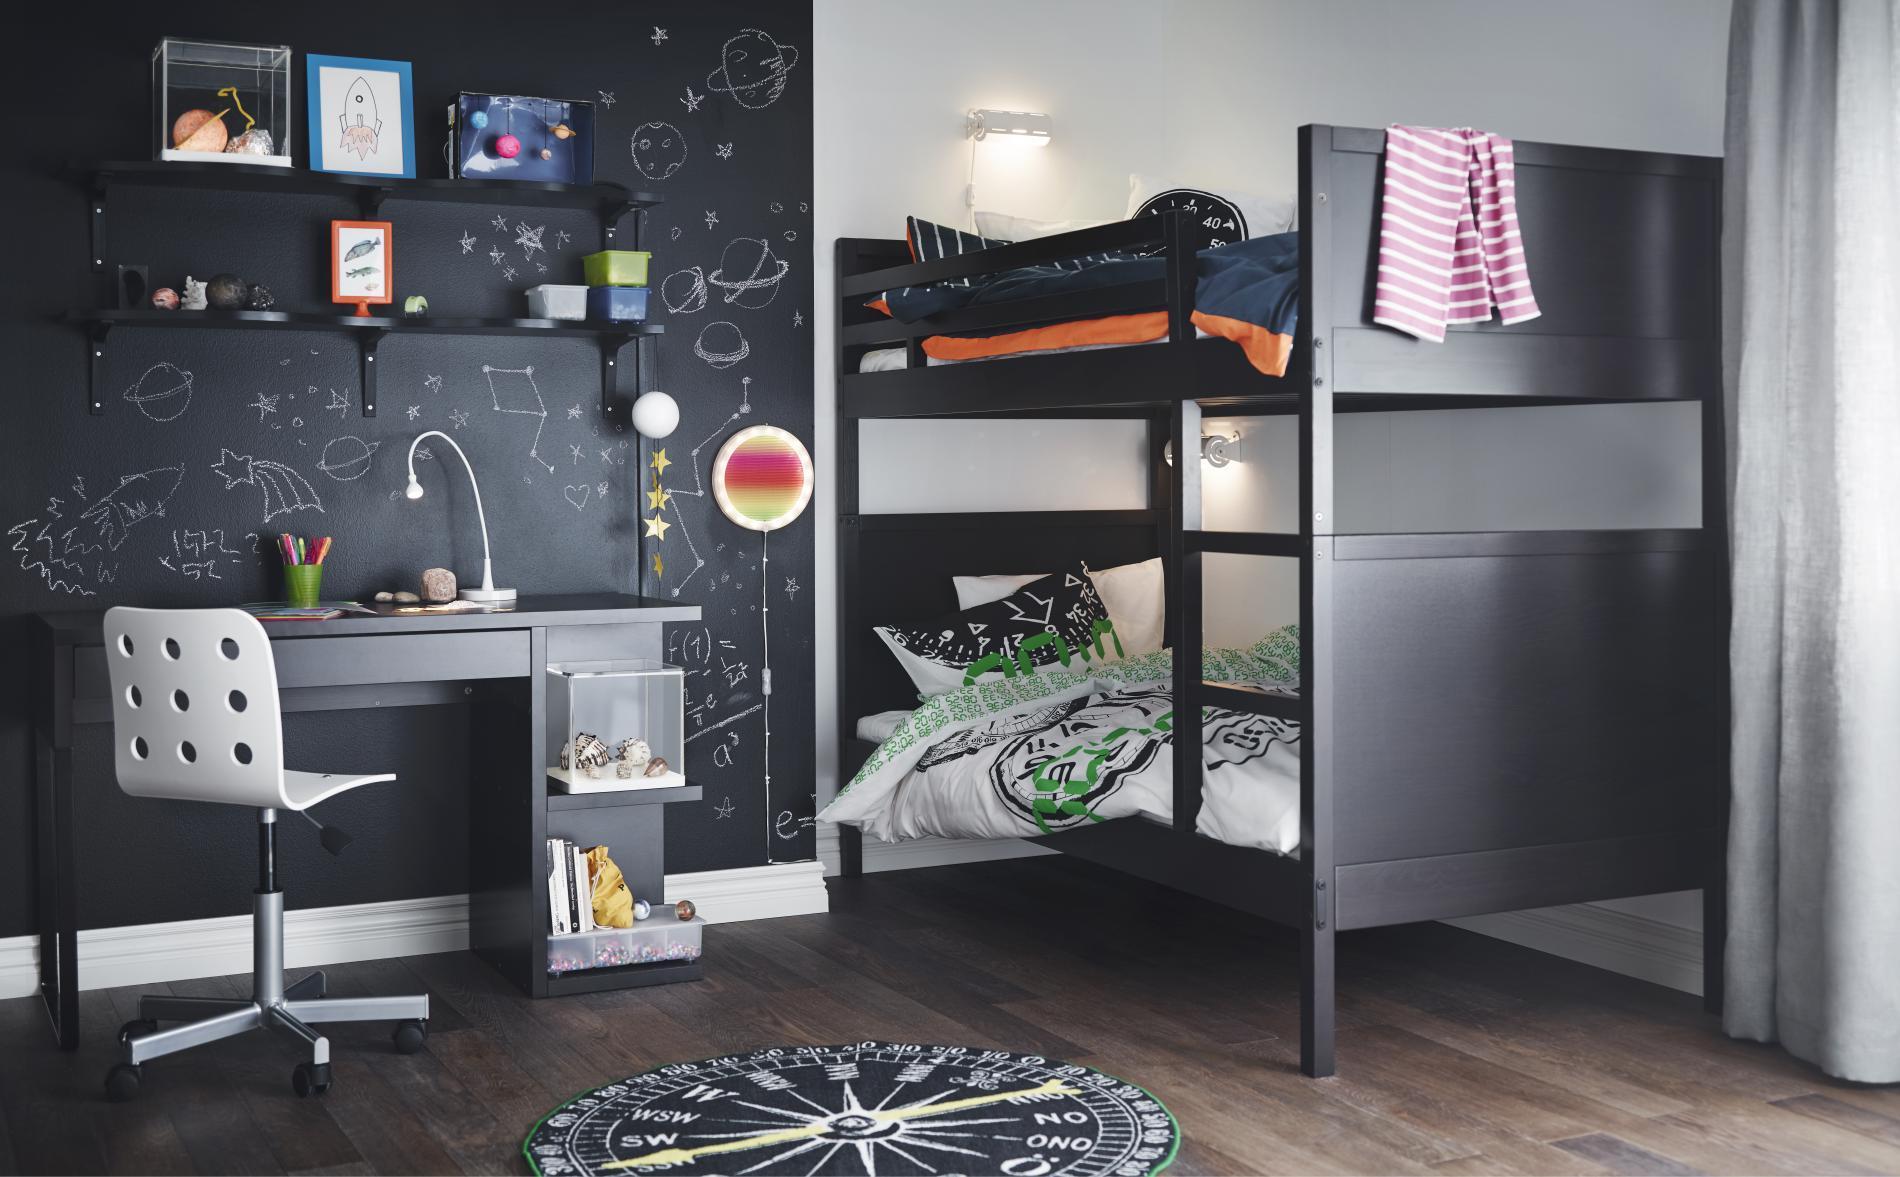 Rentrée : nos conseils pour bien aménager une chambre d'enfant ...